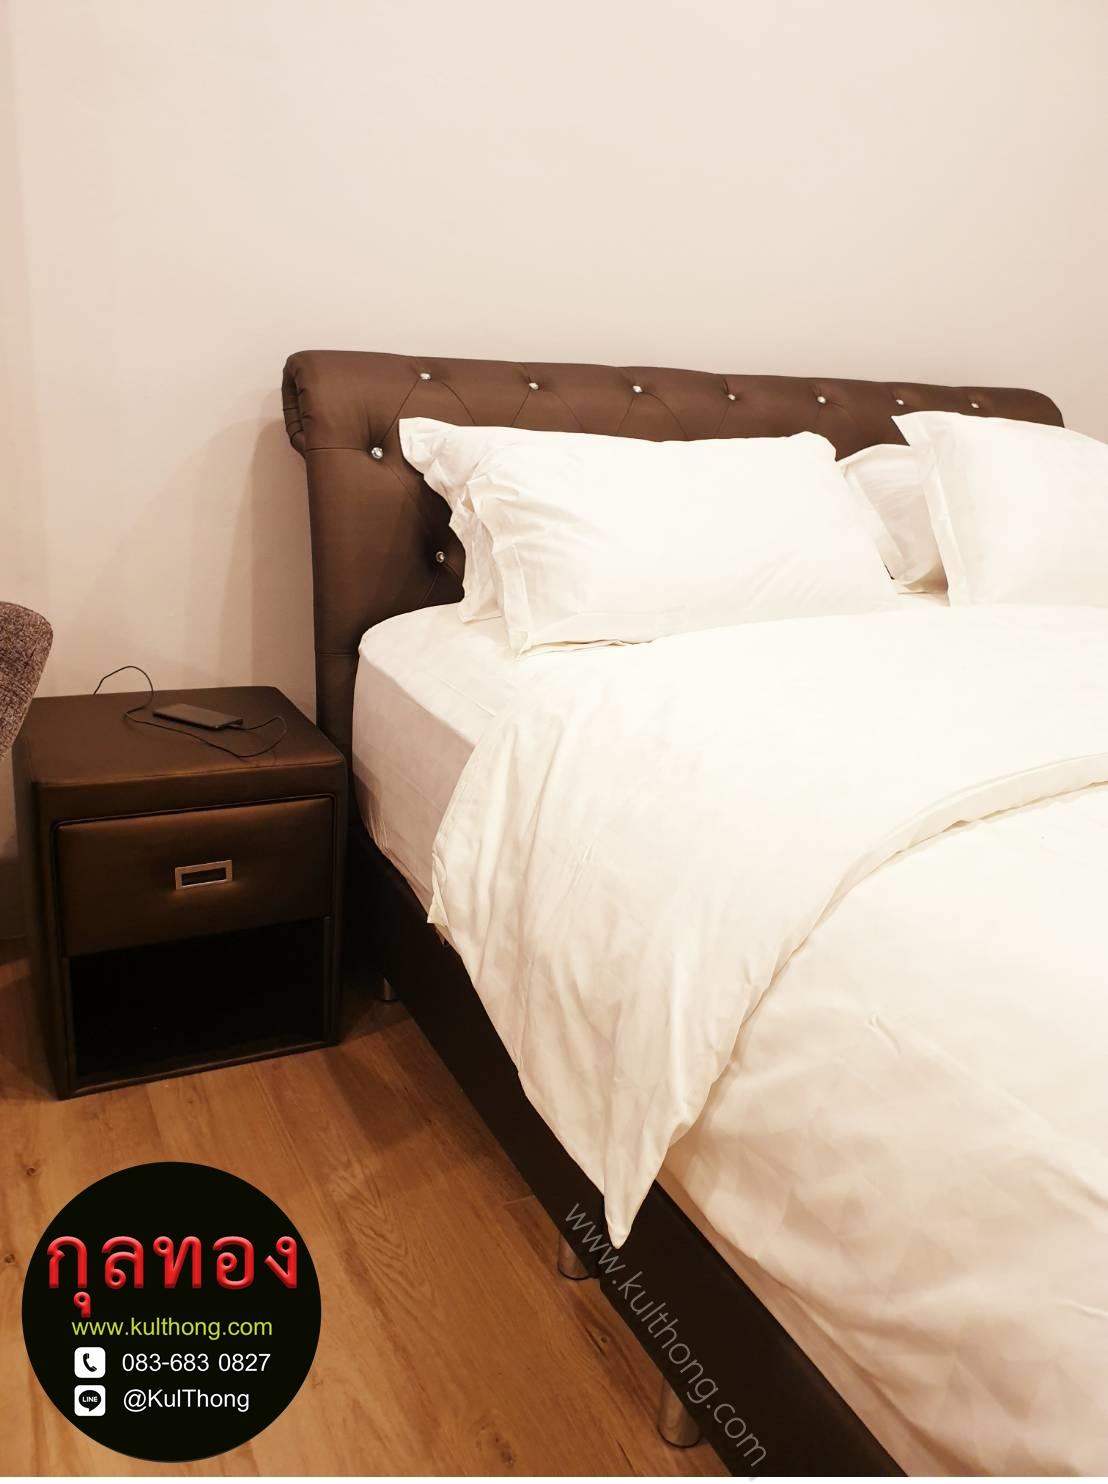 ตู้หัวเตียงมีลิ้นชัก สตูลหัวเตียงมีลิ้นชัก สตูลเก็บของ ตู้ข้างเตียงหุ้มหนัง